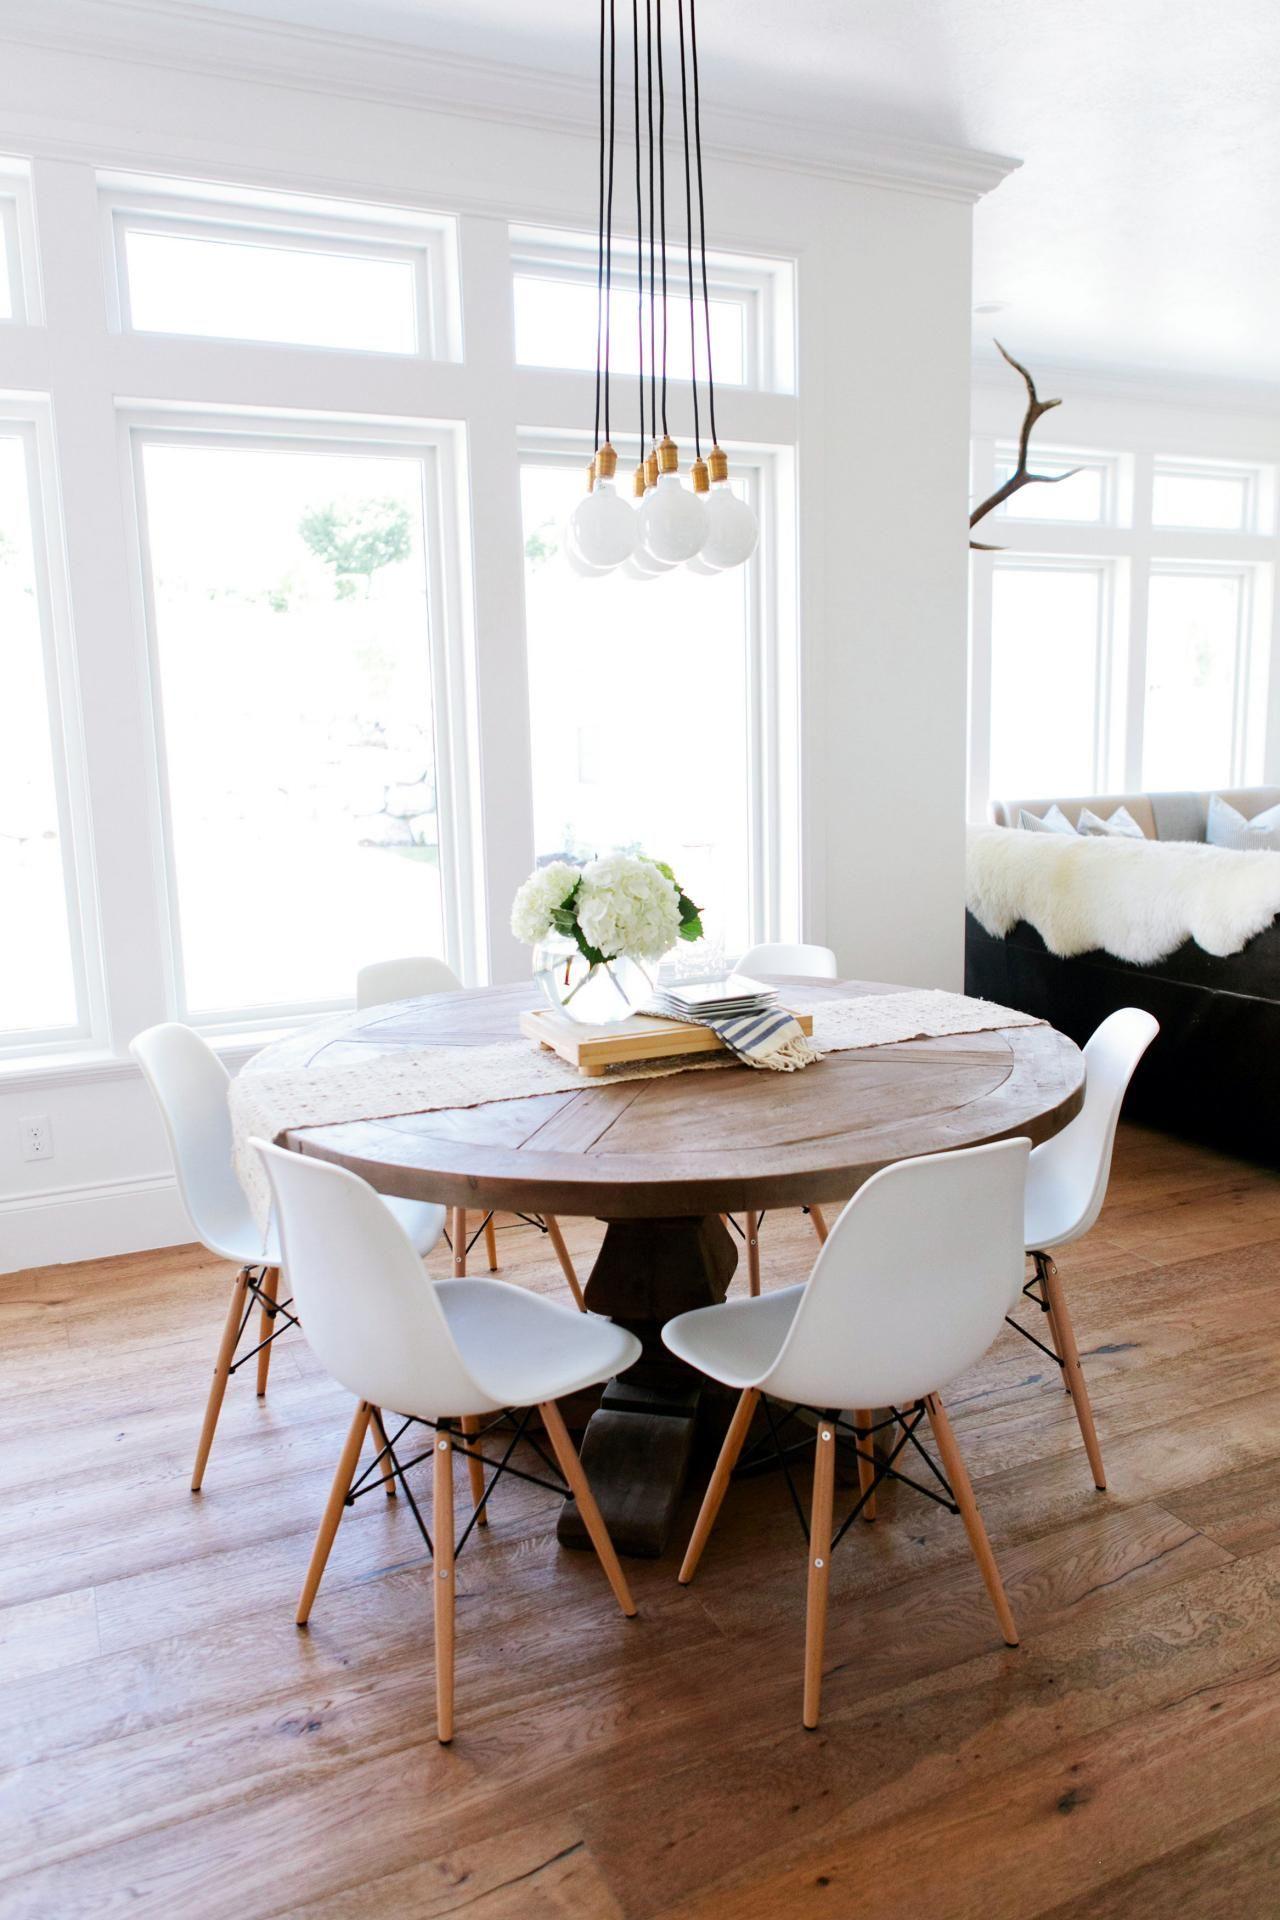 kitchen + dining   fresh faces of design   hgtv   kitchen-y in 2018